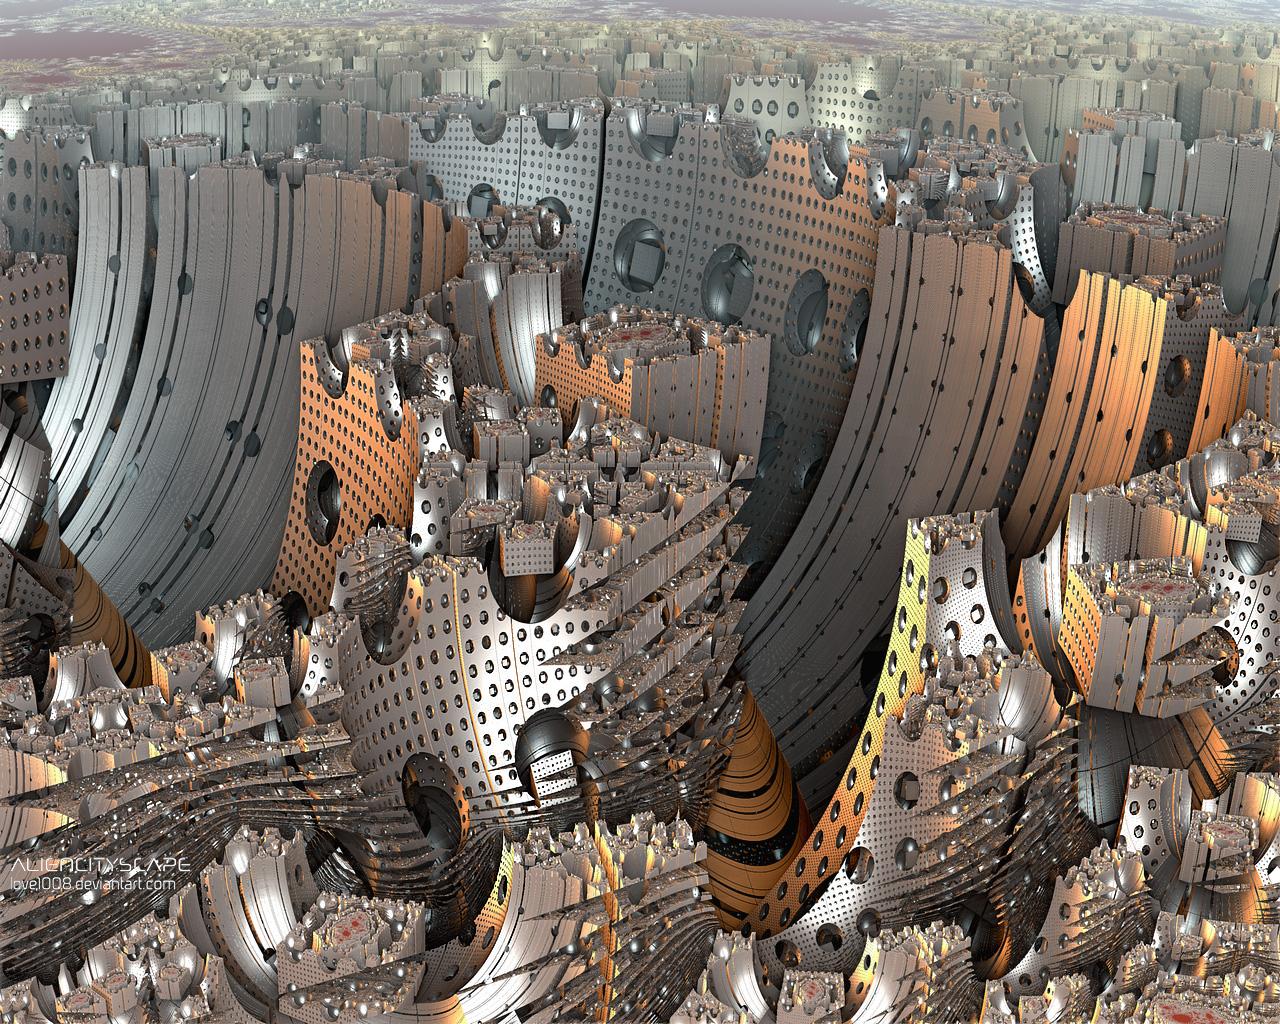 ALIEN CITYSCAPE by love1008